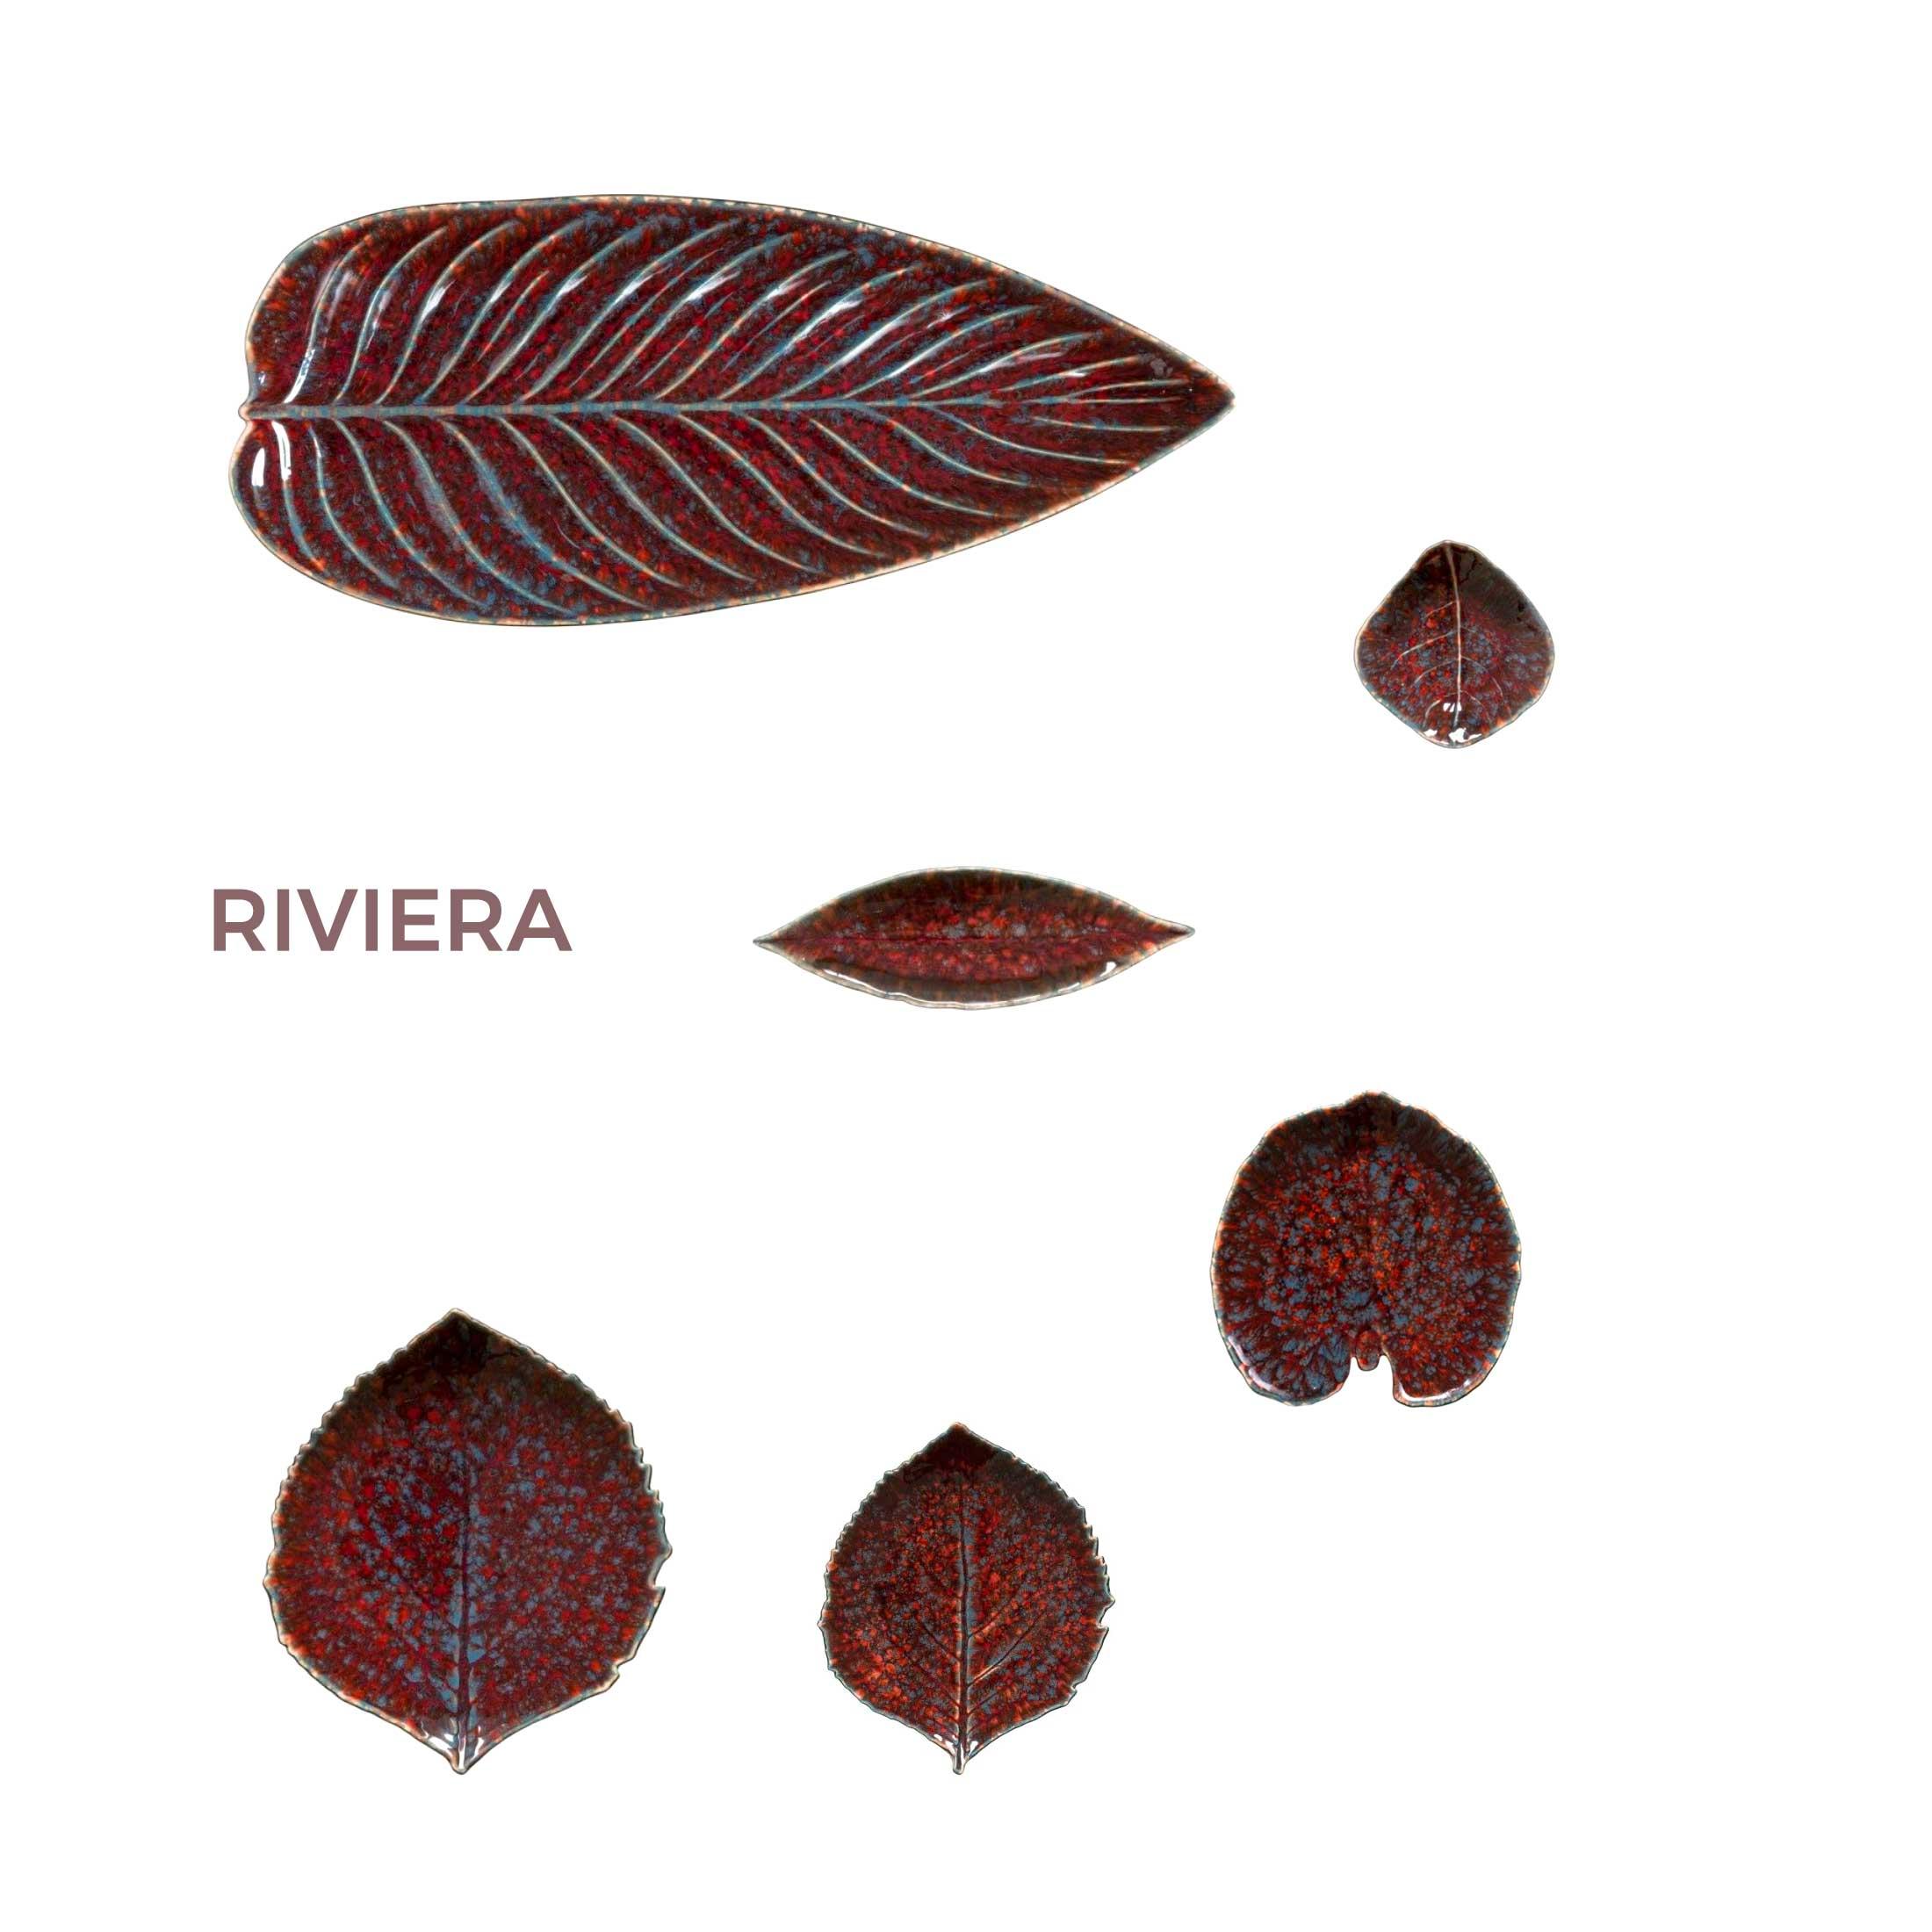 Riviera Geschirr Kollektion Christian Tortu für Costa Nova